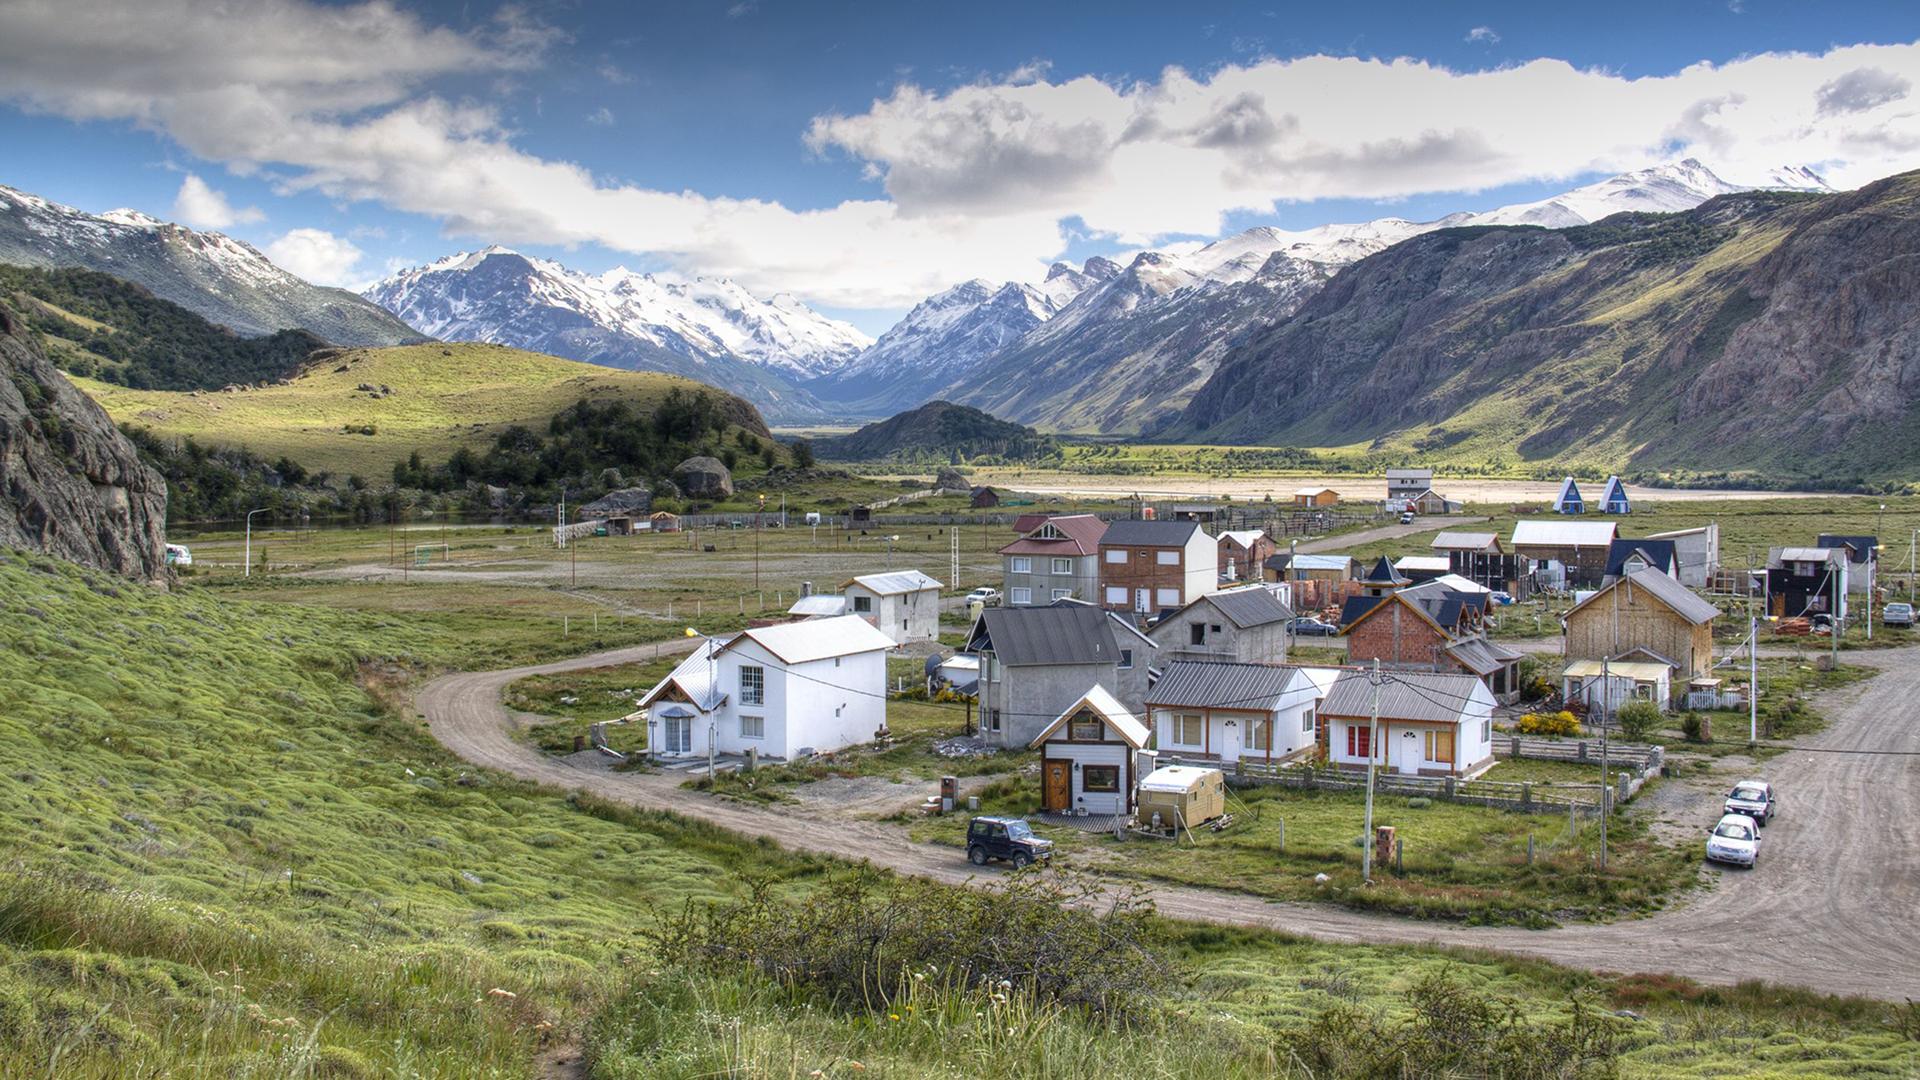 La localidad fue elegida por una comunidad de viajeros de todo el mundo (Booking)